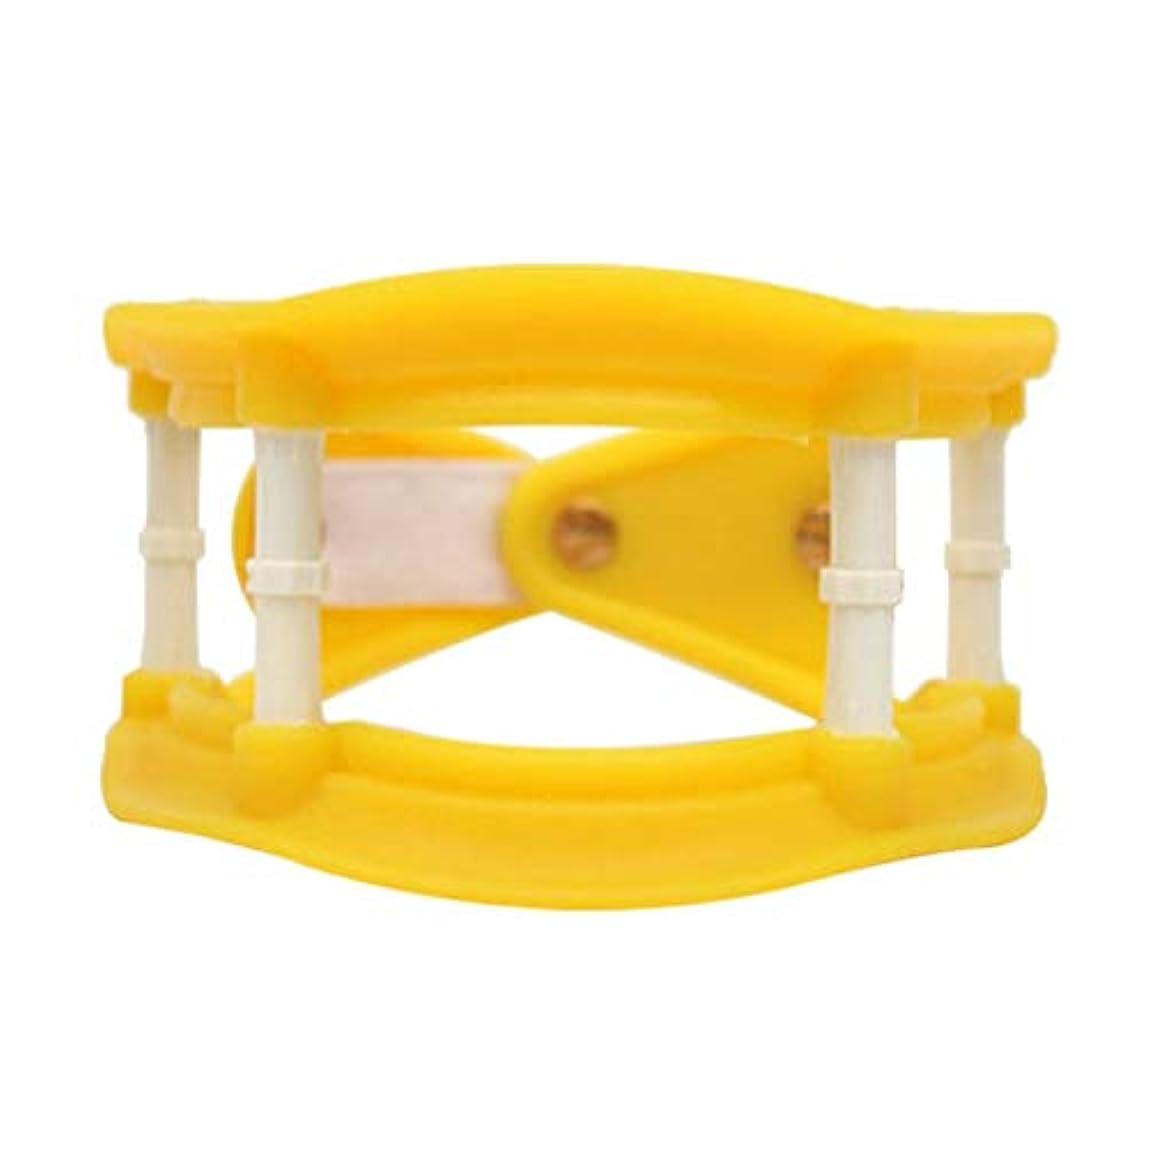 リース啓示存在するHealifty 首の牽引通気性の首サポートブレース調整可能な首のつばの首の痛みを軽減します傷害回復(黄色)